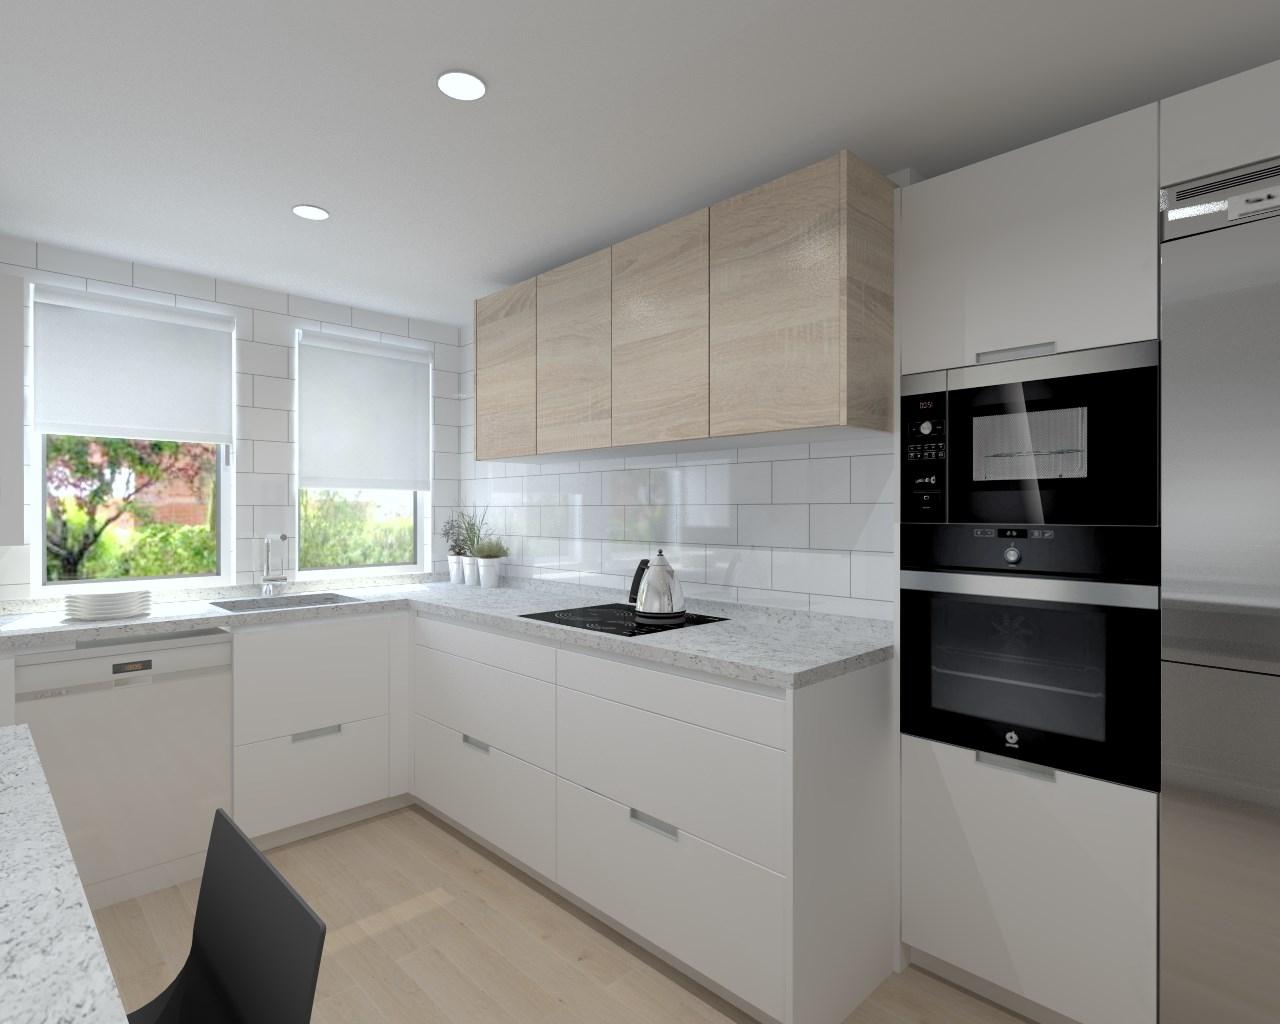 Santos cocinas precios dise os arquitect nicos for Proyectos de cocina